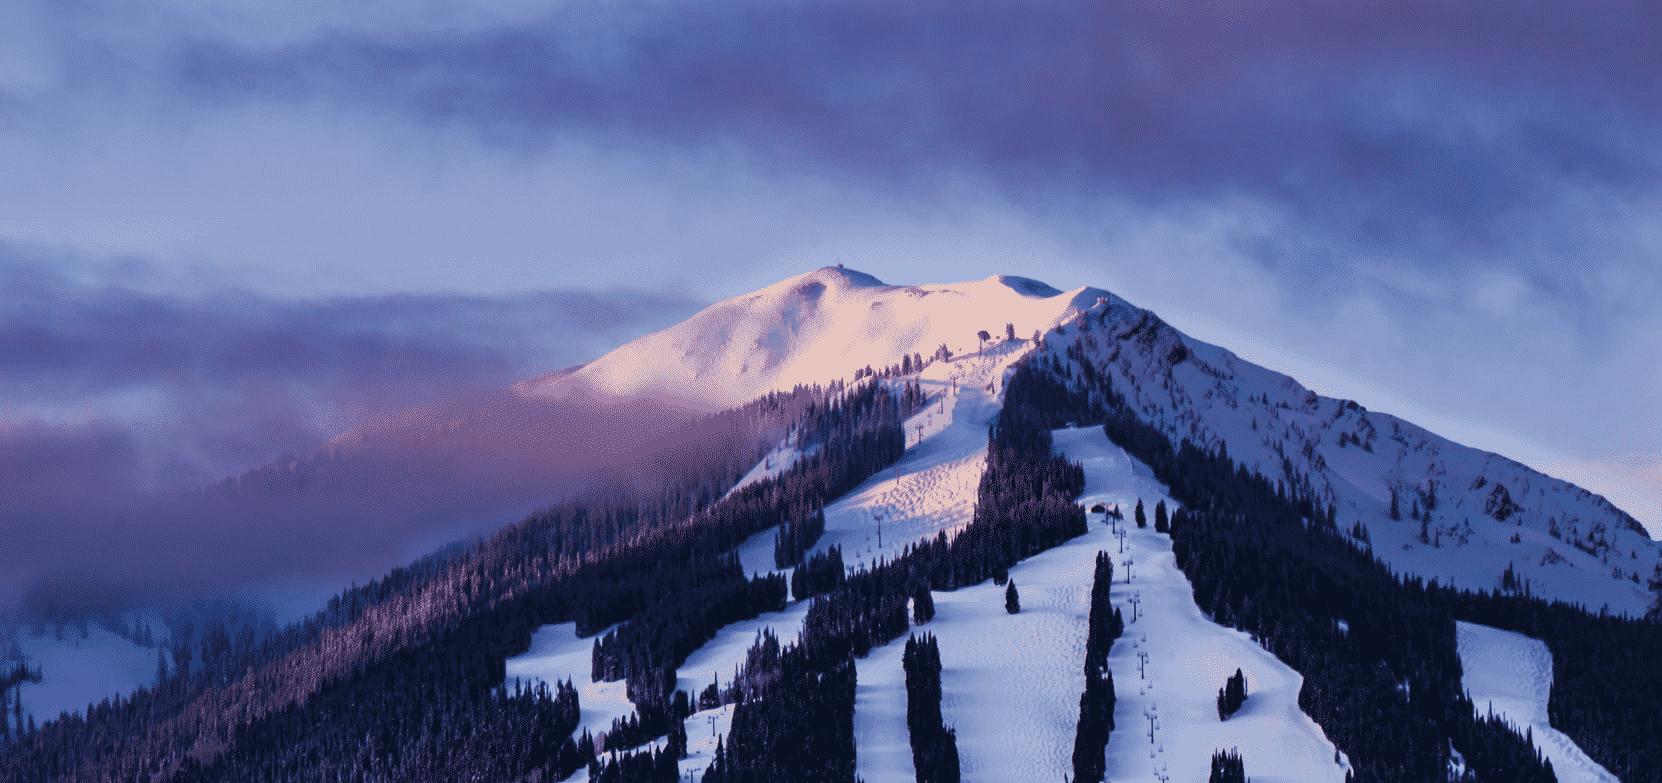 little ski town of Aspen, CO